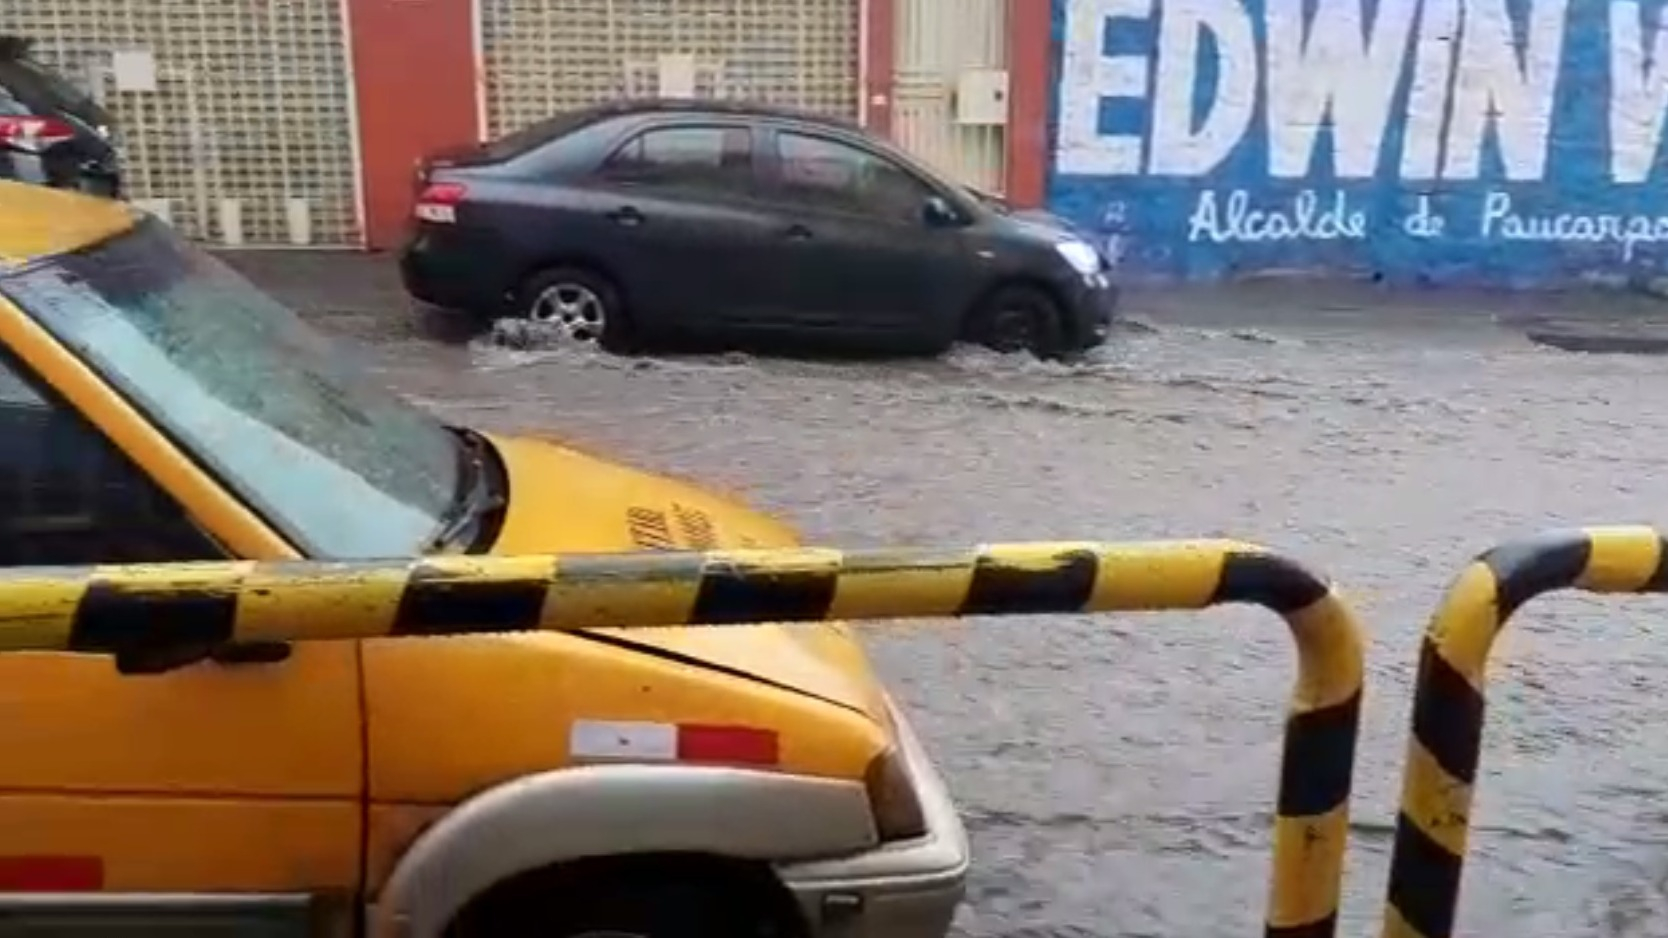 Vehículos se quedaron atrapados en plena calle debido a la intensa lluvia.